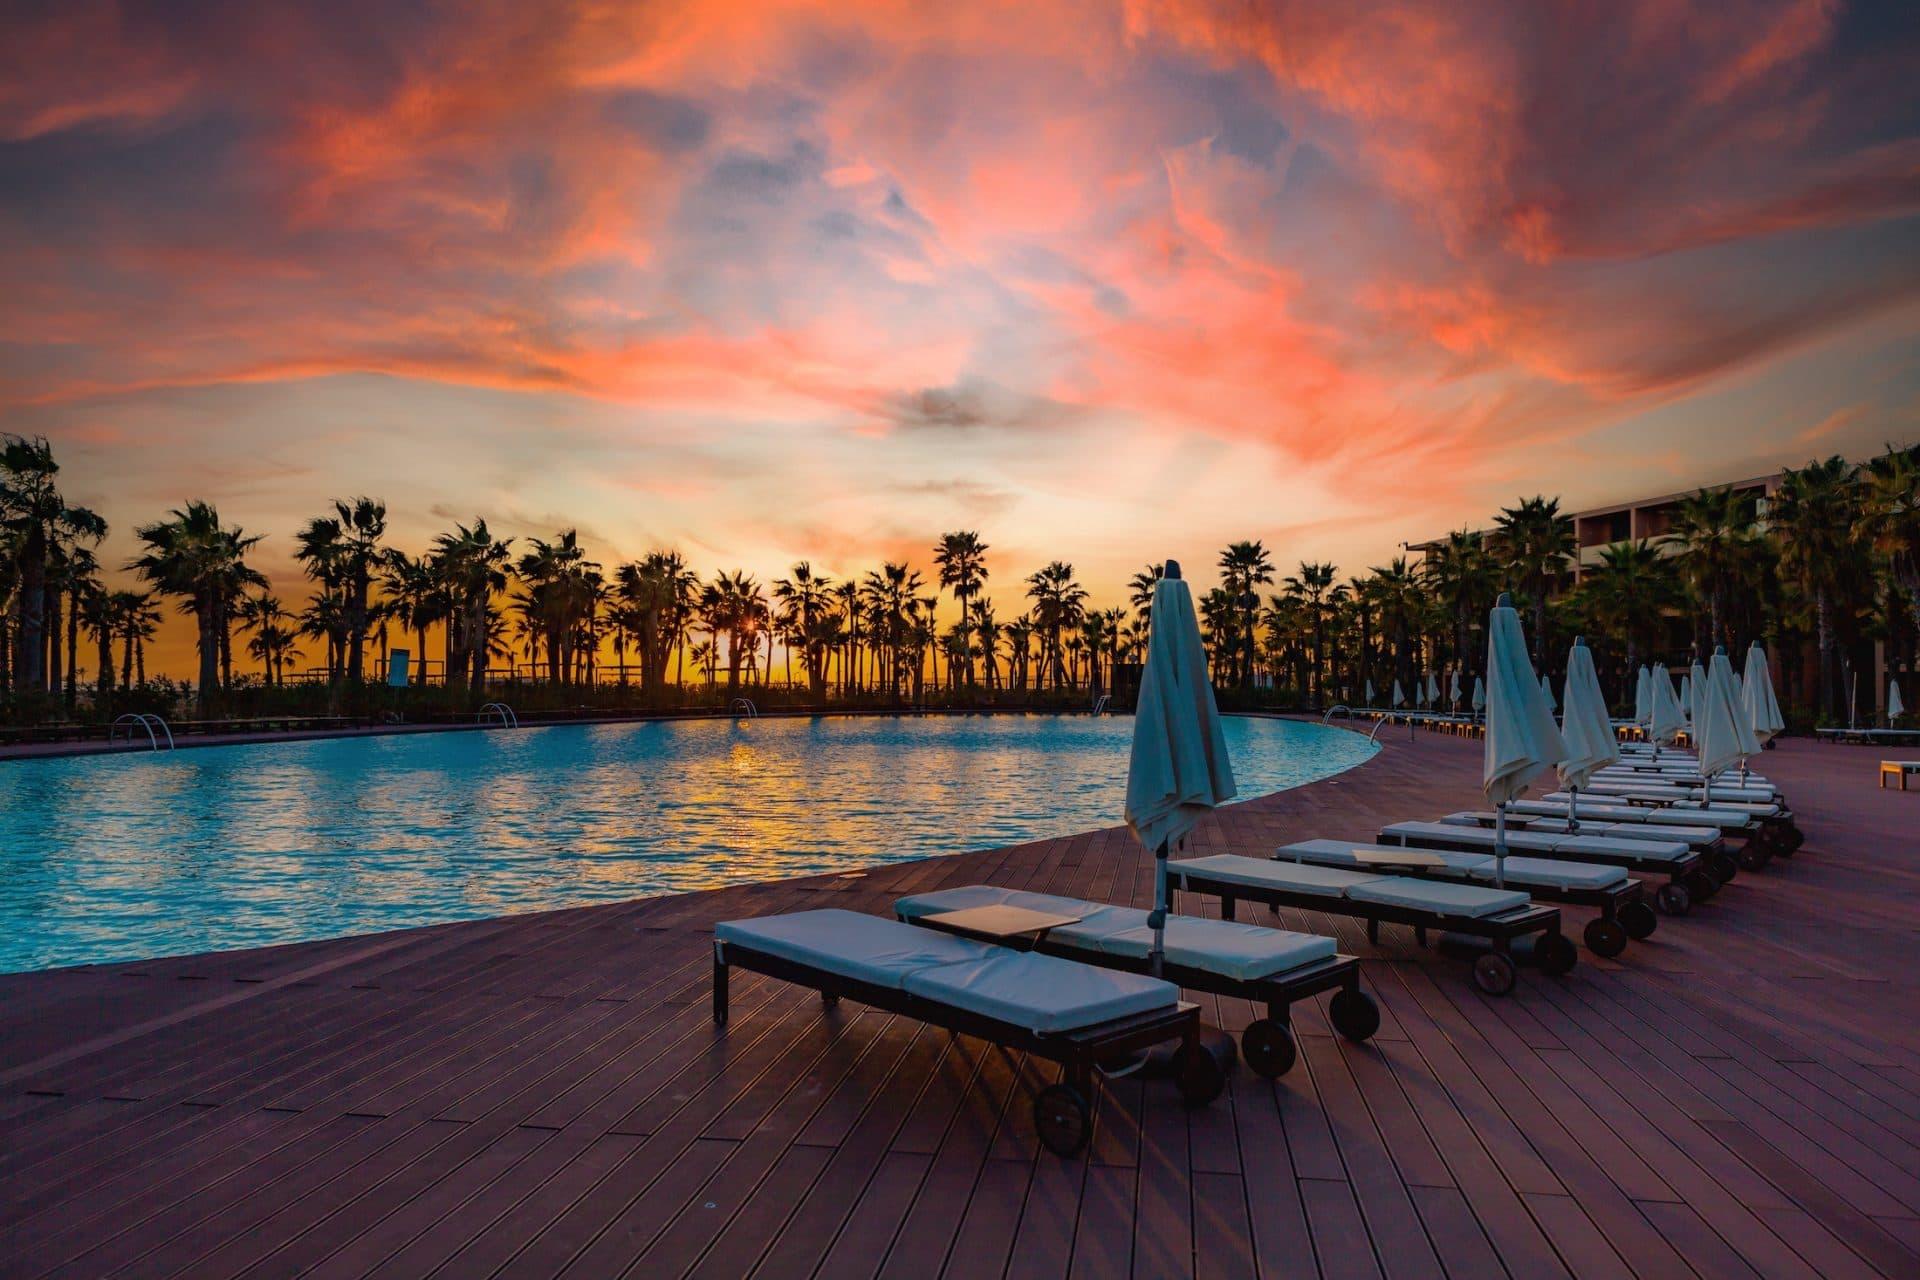 outdoor-spaces-banner-VidaMar-hotels-resorts-algarve